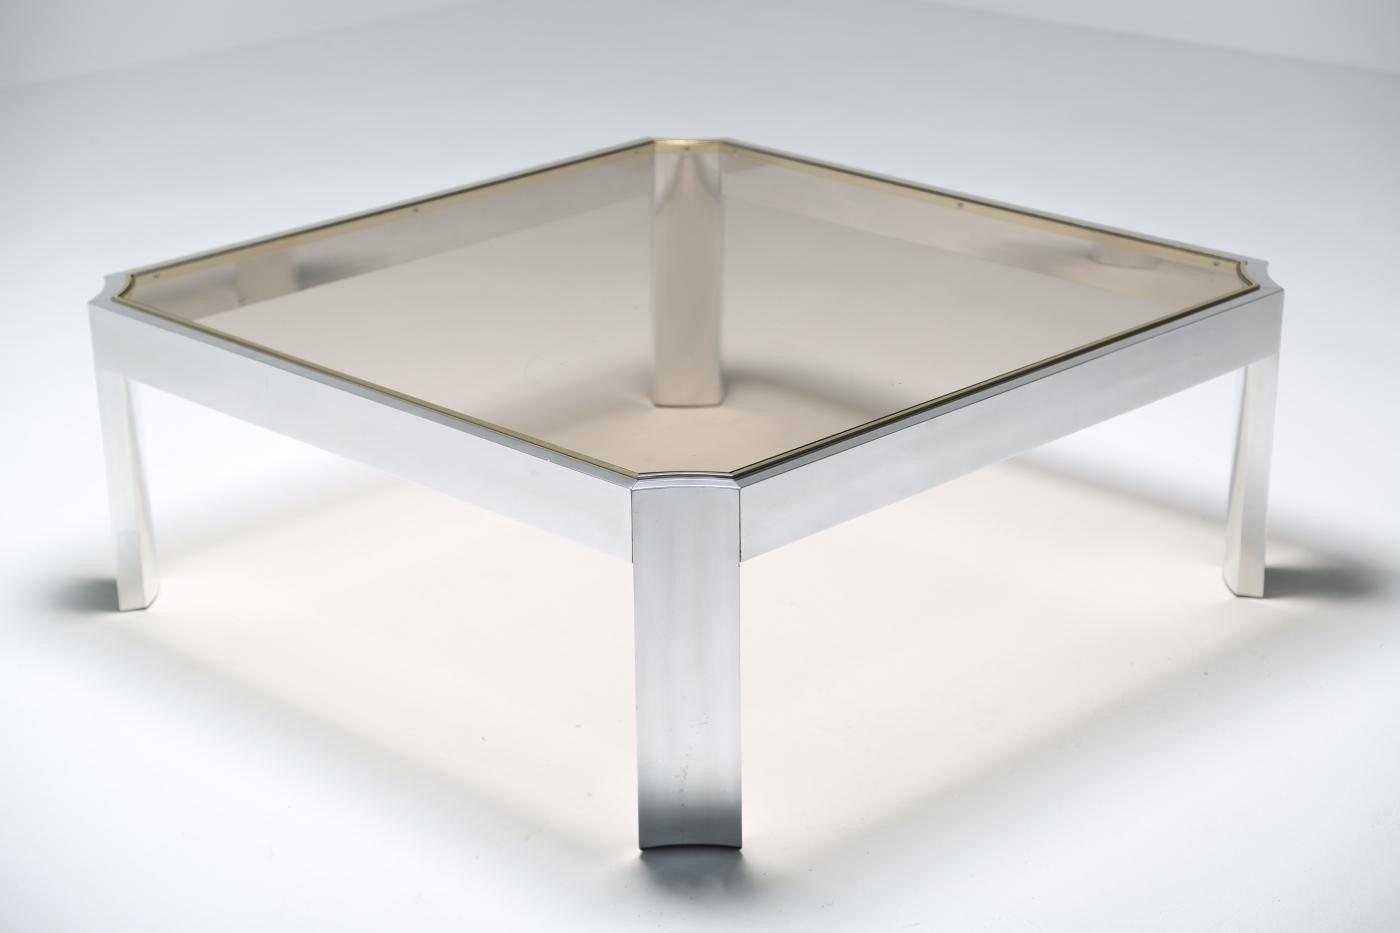 table basse mid century en verre avec socle en aluminium en vente sur pamono. Black Bedroom Furniture Sets. Home Design Ideas